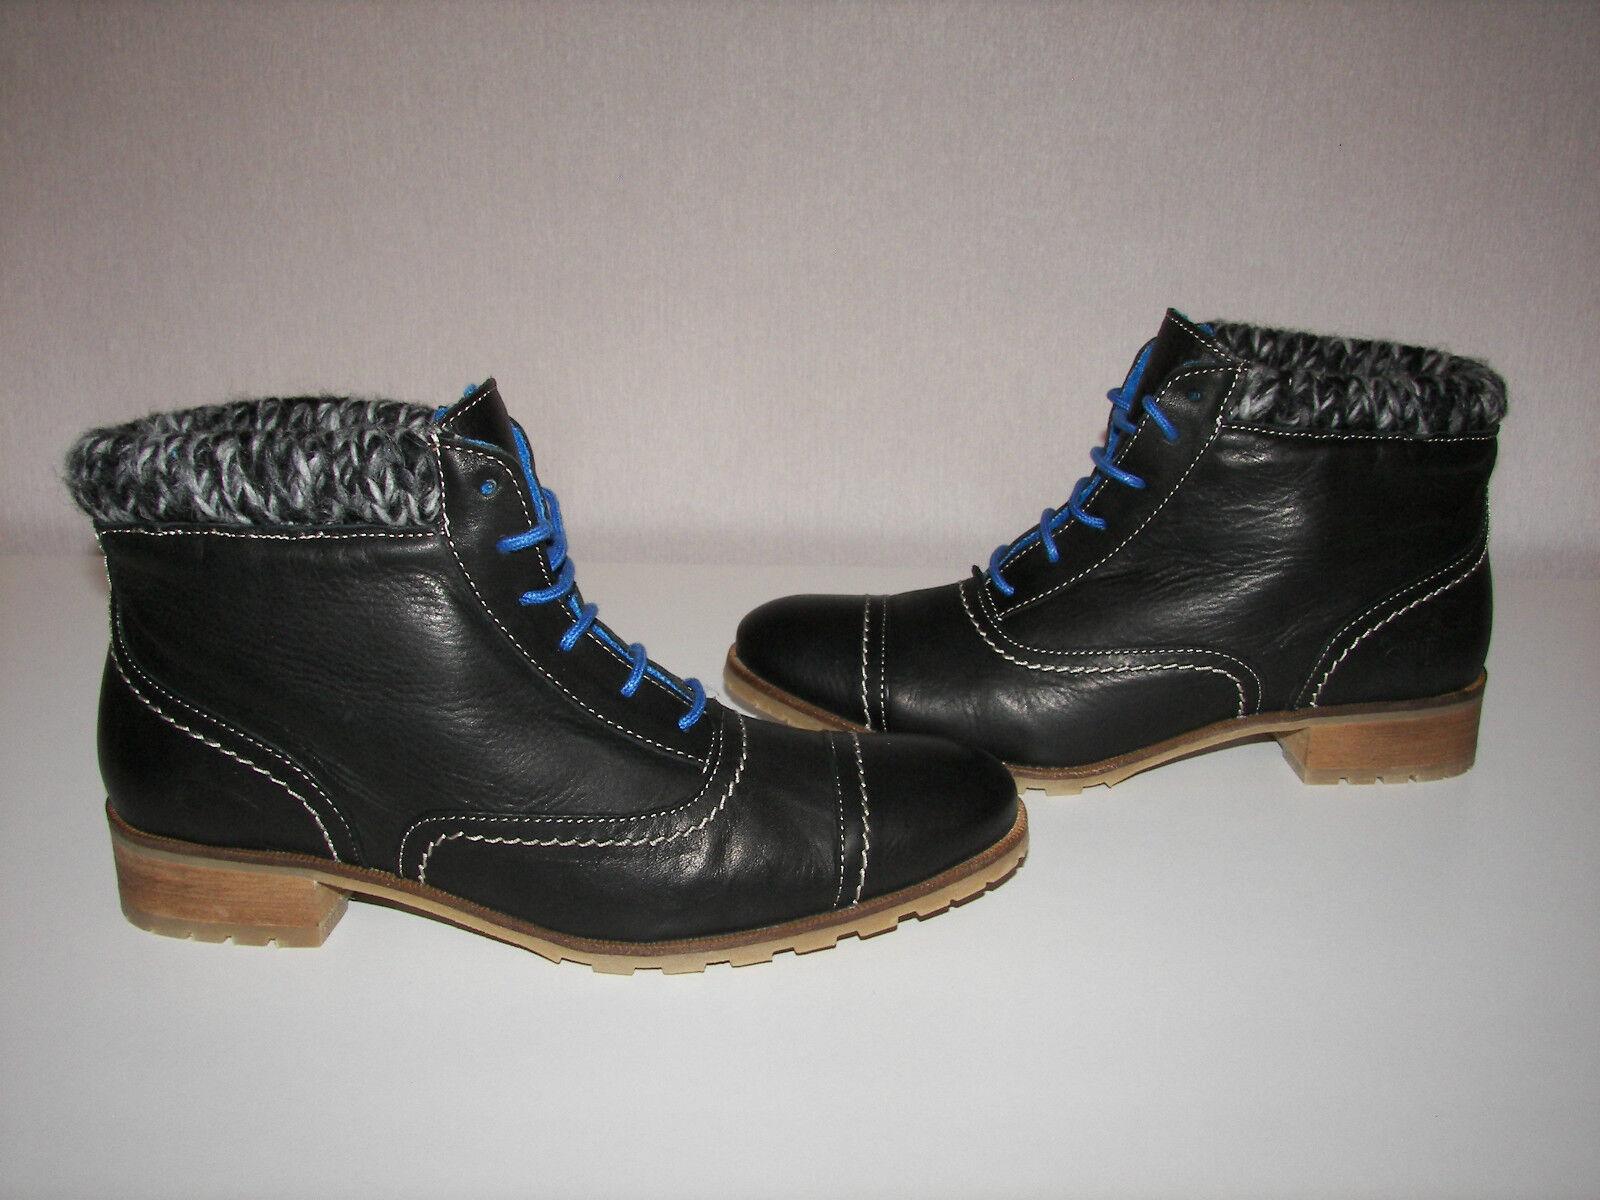 Shoot nuevo con cordones negro botas nuevo Shoot 1418da